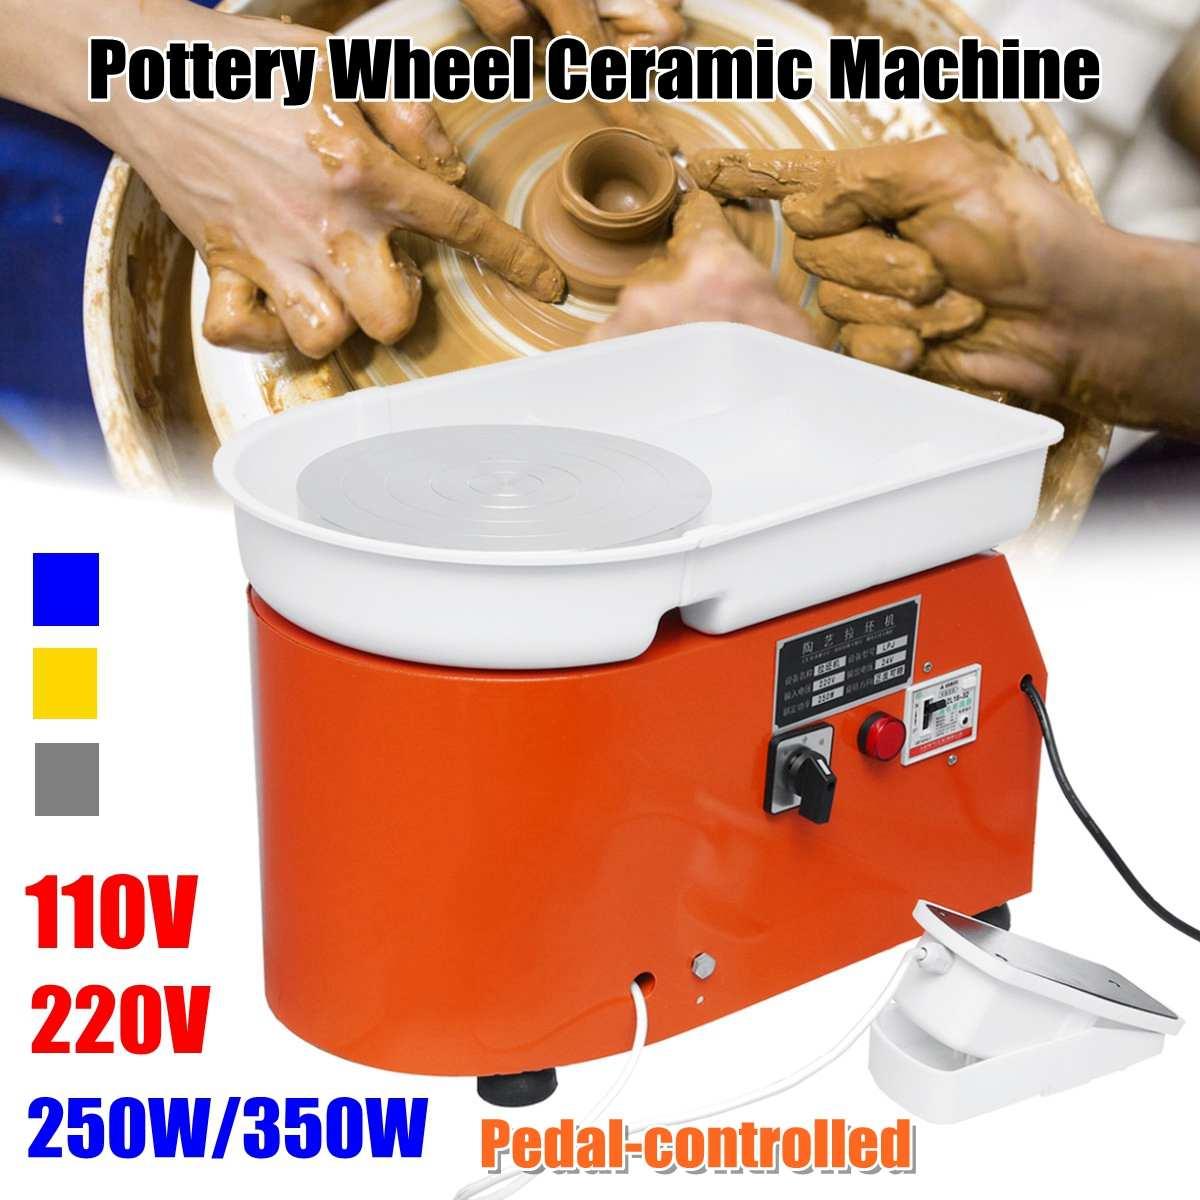 Poterie formant la Machine 110 V/220 V 350 W poterie électrique roue argile pour travaux pratiques outil avec plateau pédale Flexible pour les travaux en céramique